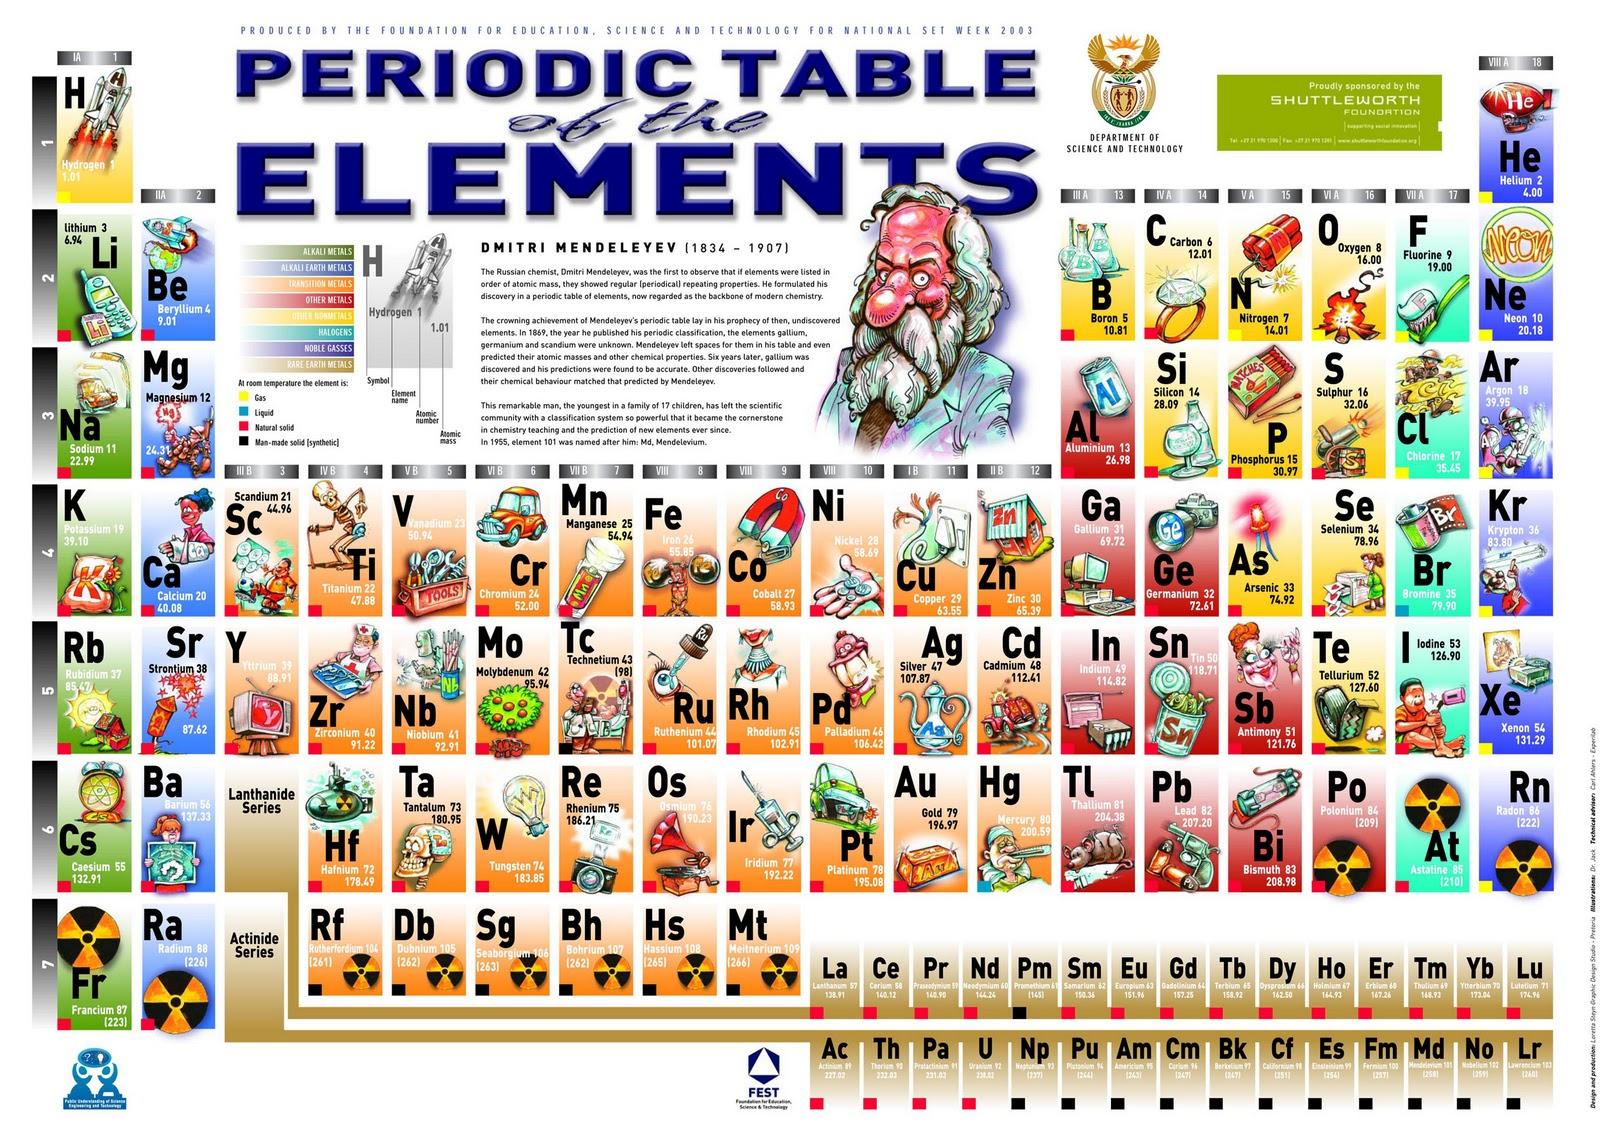 Sepenggal informasi sejarah perkembangan sistem periodik unsur pengelompokan unsur menurut lavoisier urtaz Gallery